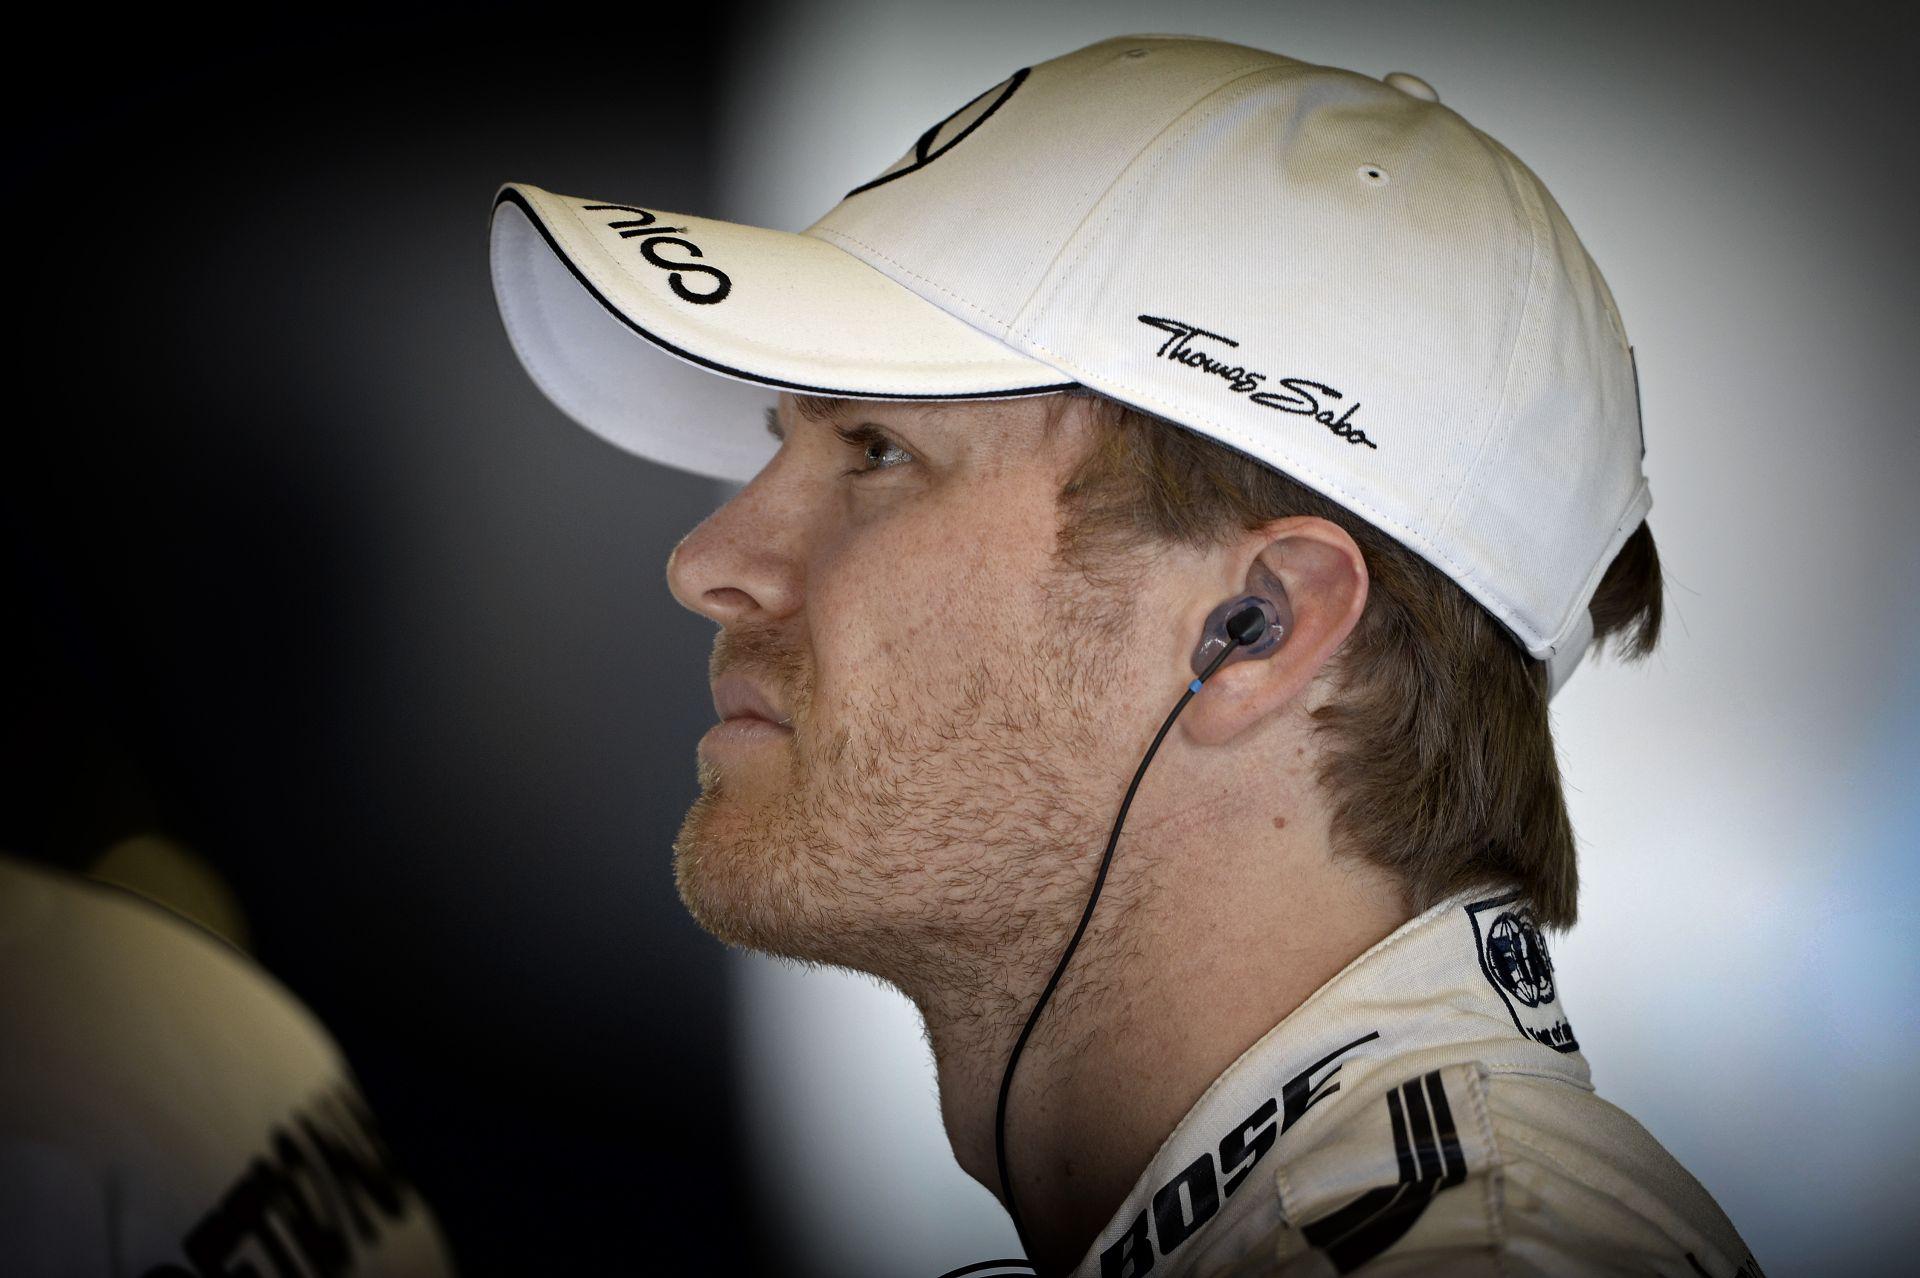 Duplázott a Mercedes és Rosberg Ausztráliában! Második legjobb a Ferrari Vettellel és Raikkönennel! Magnussen megtörte a lassú M